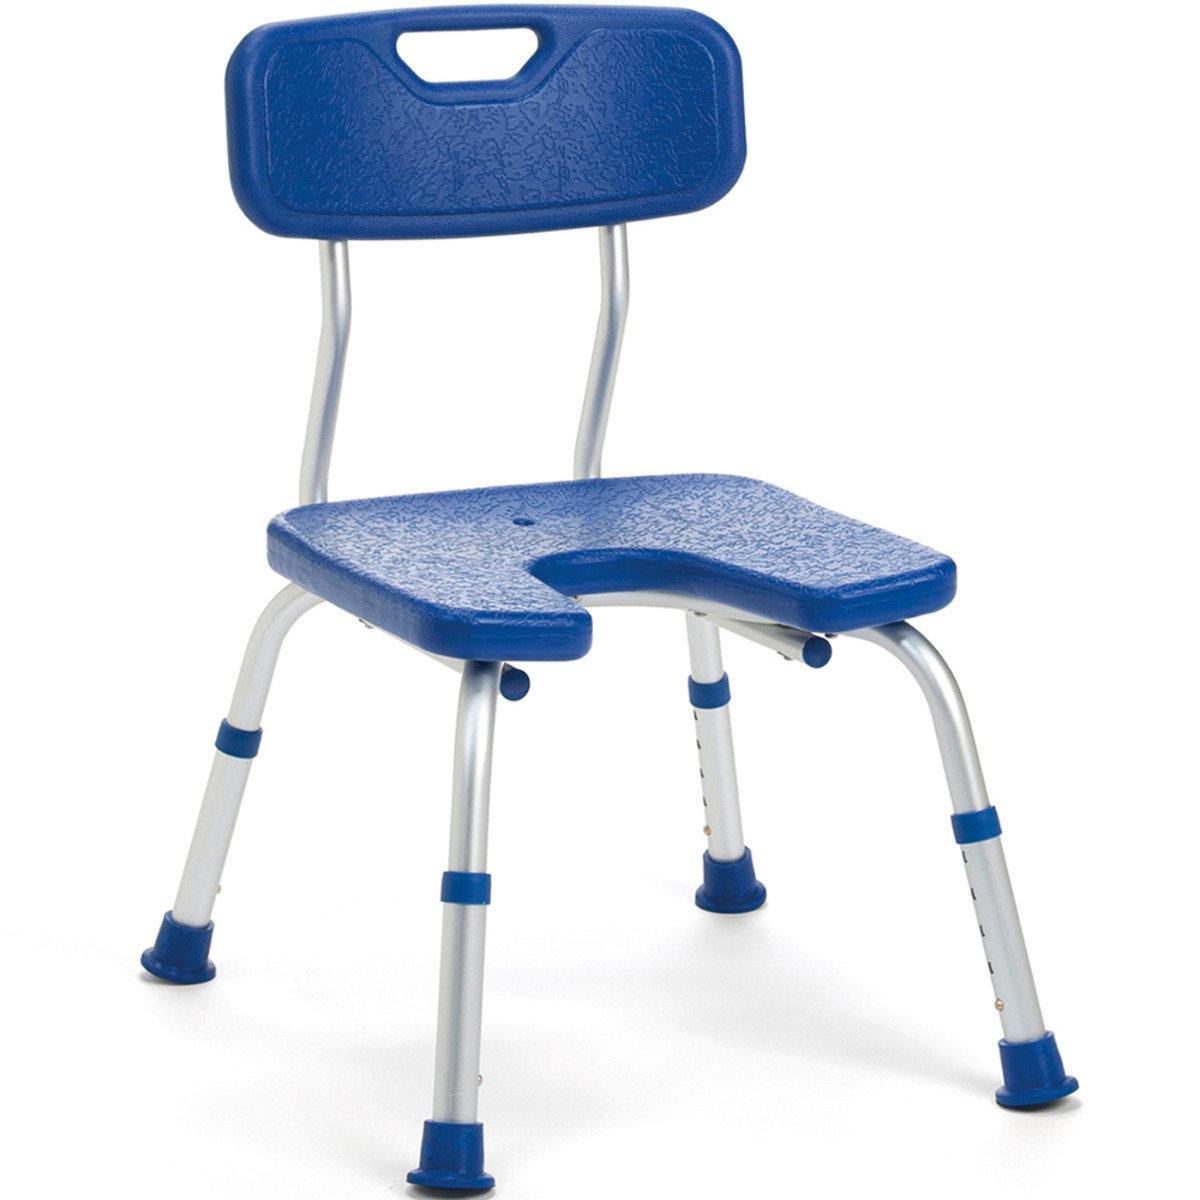 比利時 Melbourne U形座板靠背沐浴椅